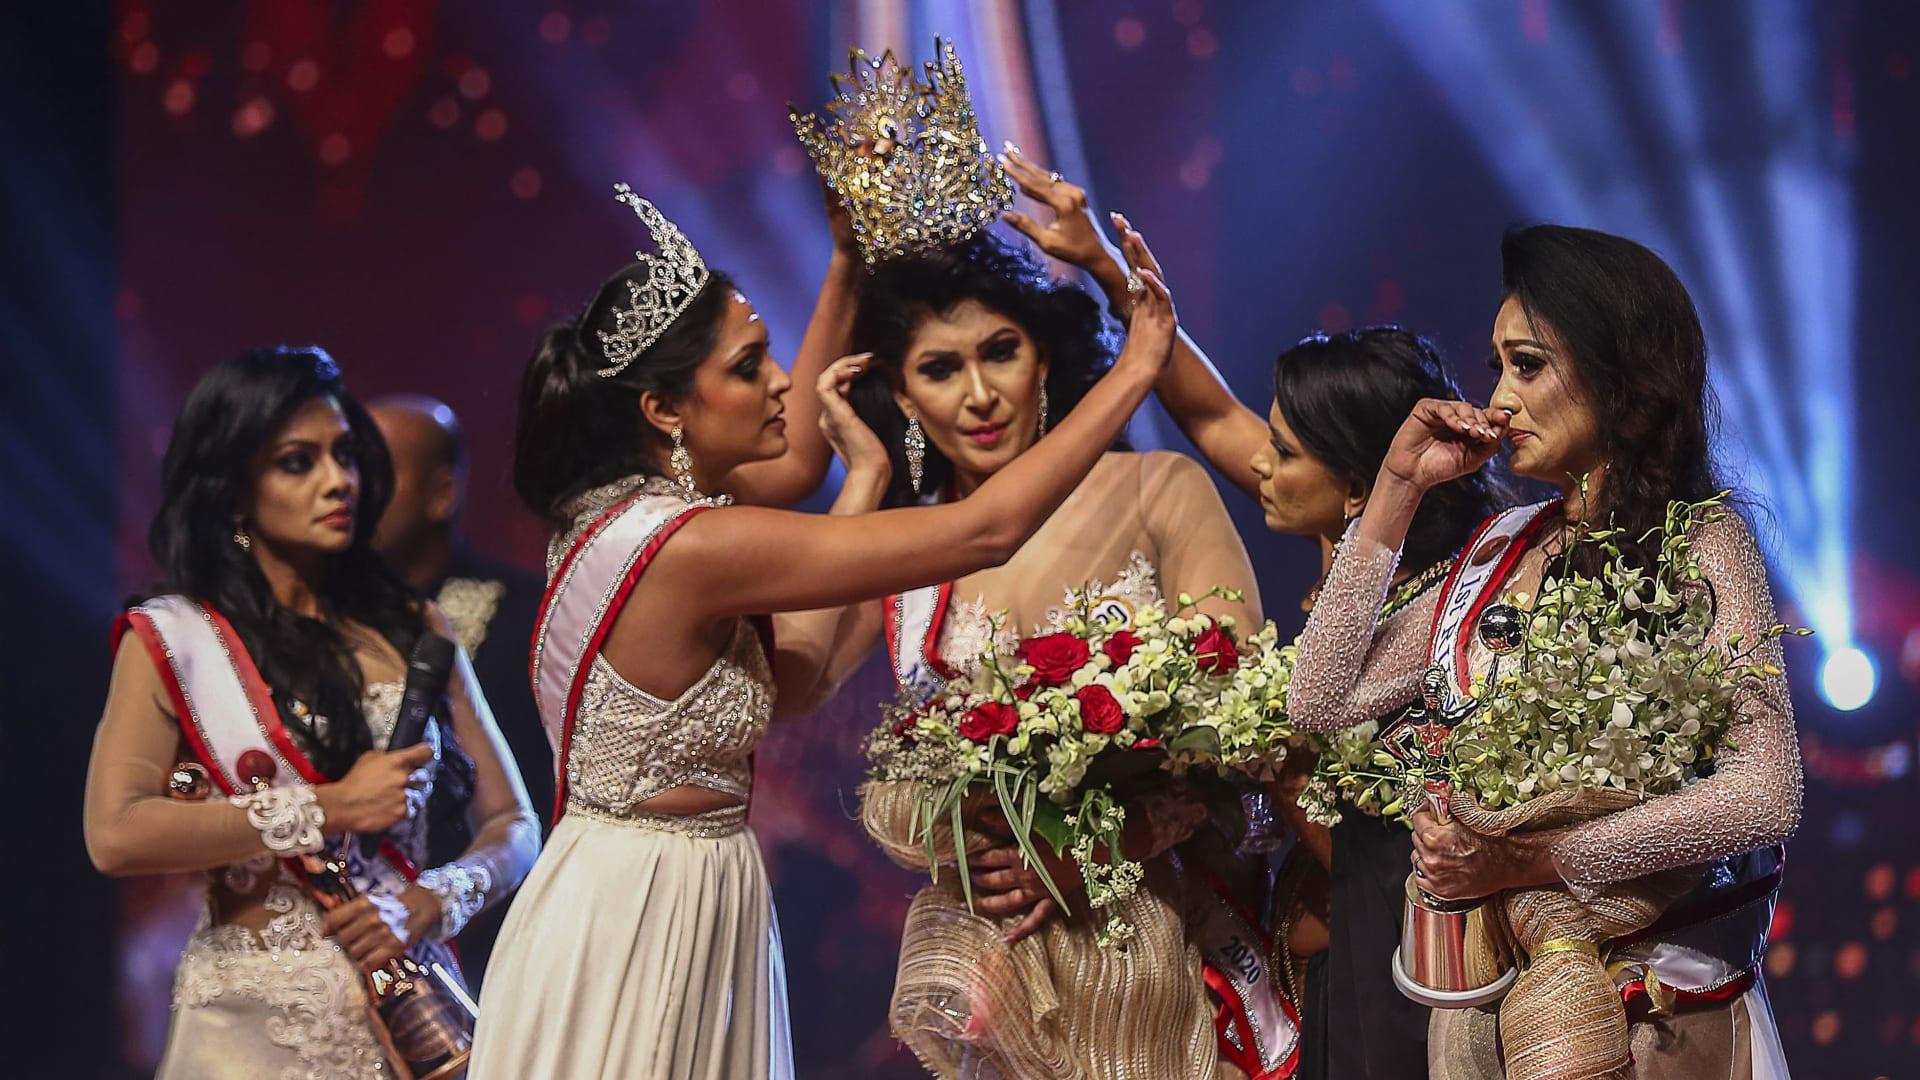 حاملة لقب سابقة تتشاجر مع ملكة جمال سريلانكا الجديدة وتخلع التاج عن رأسها بالقوة